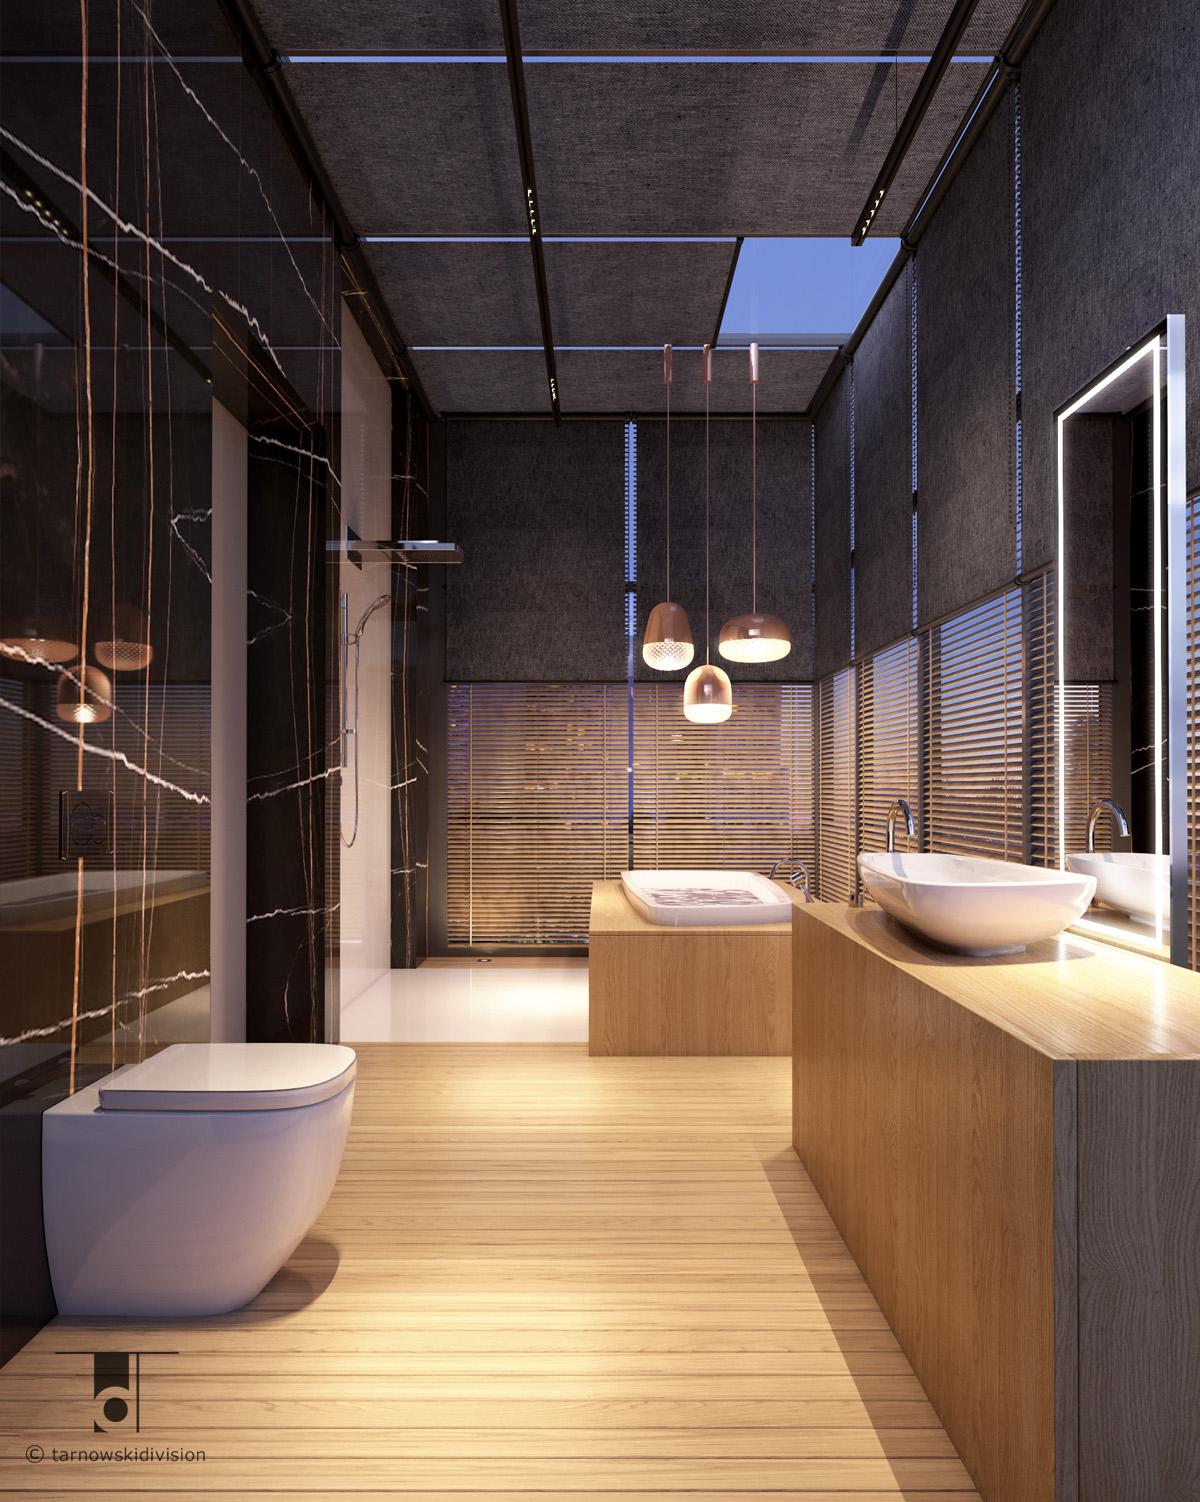 nowoczesna elegancka łazienka projekt wnętrz salonu kąpoielowego modern luxury bathroom interior design_tarnowski division